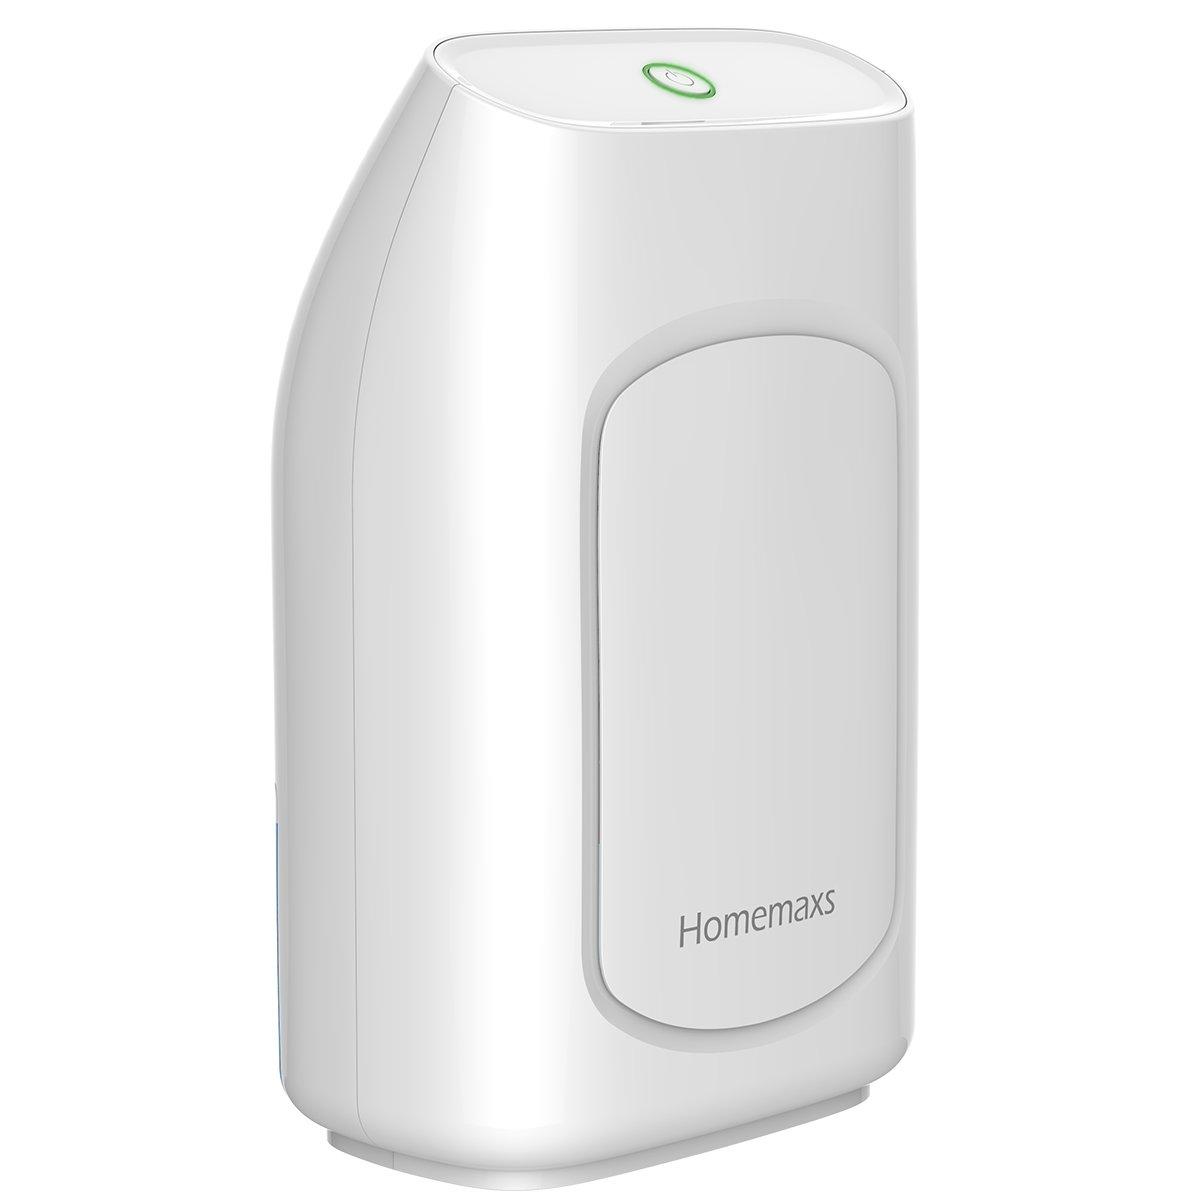 HOMEMAXS Luftentfeuchter, 19ml Portable Raumentfeuchter, Flüsterleiser  Elektrisch Luftreiniger-Autoabschaltung für Badezimmer, Schlafzimmer,  Schrank,